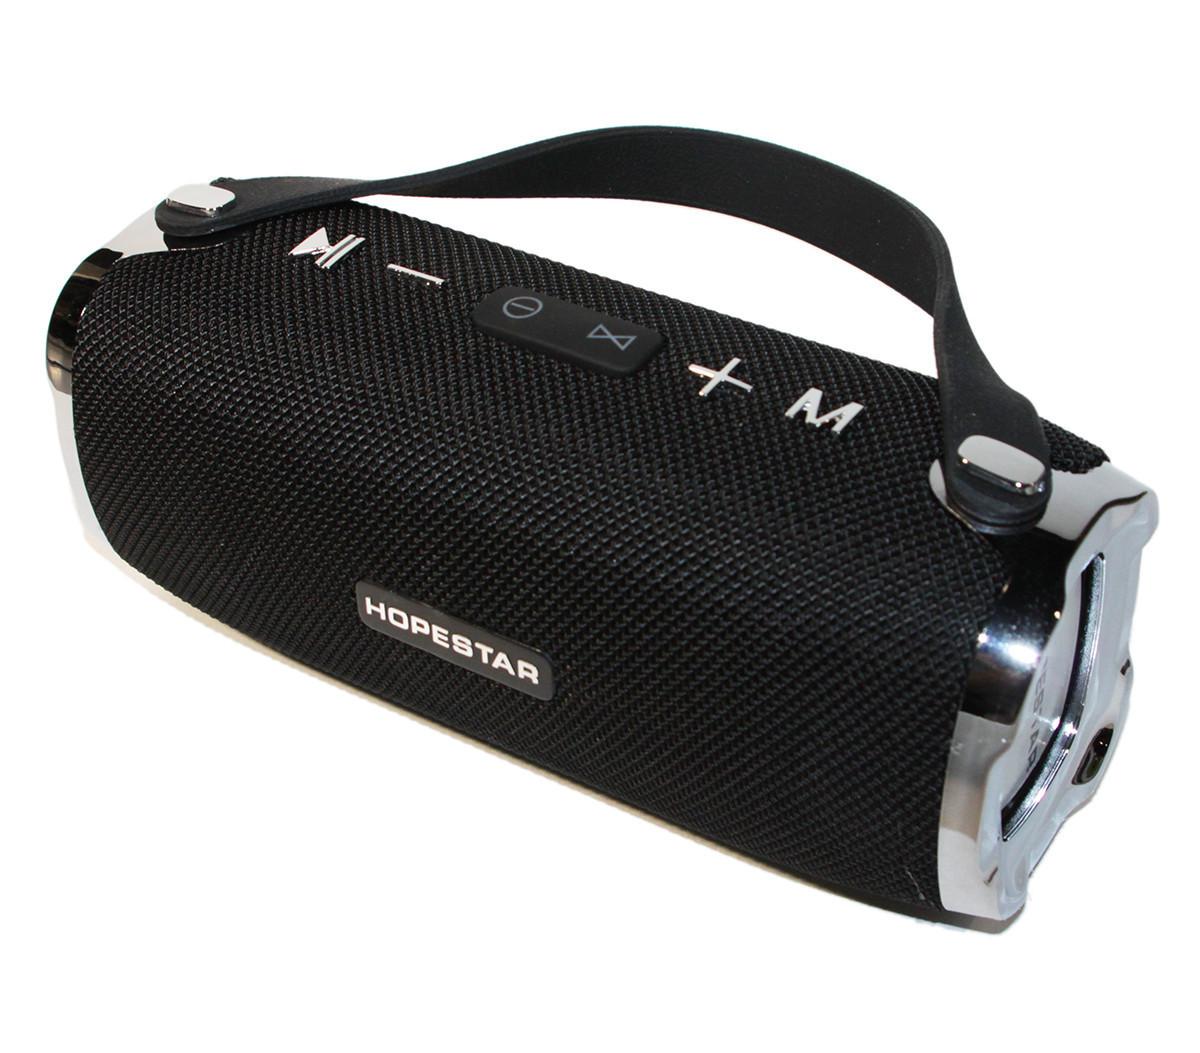 Портативная Bluetooth колонка Hopestar H24, Беспроводная стерео колонка, Блютуз колонка, Динамик музыкальный